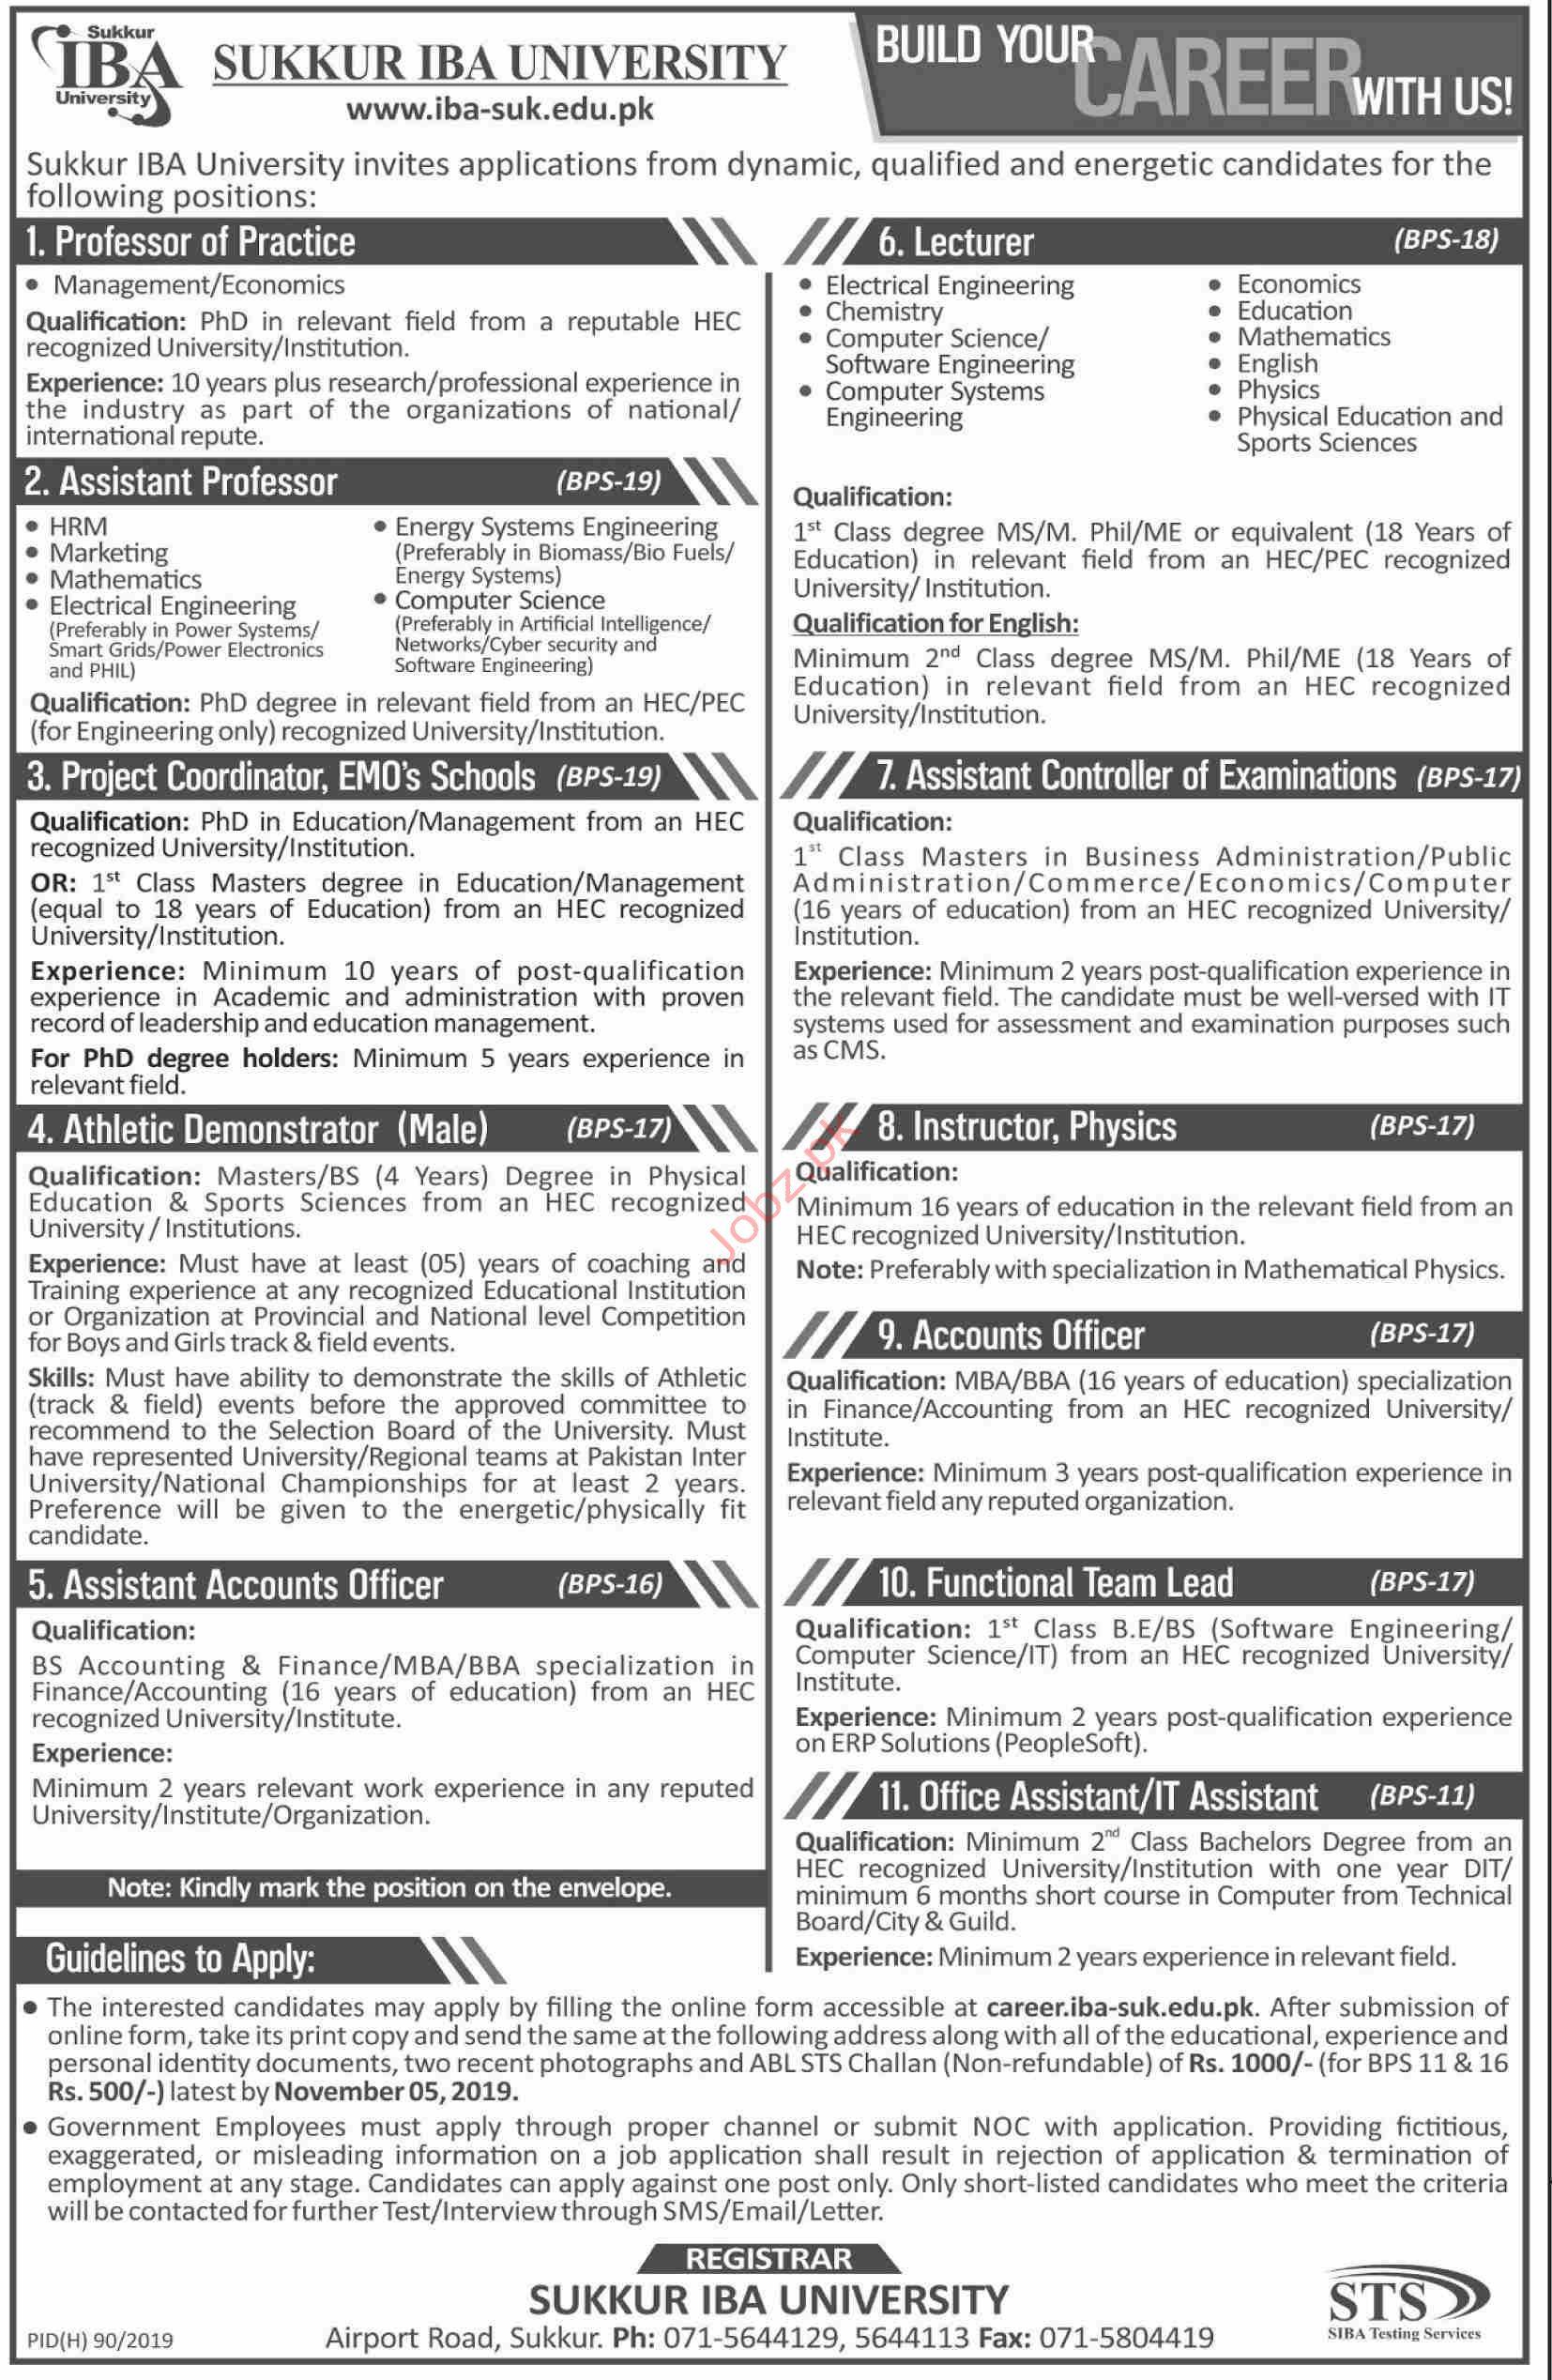 Sukkur IBA University Jobs 2019